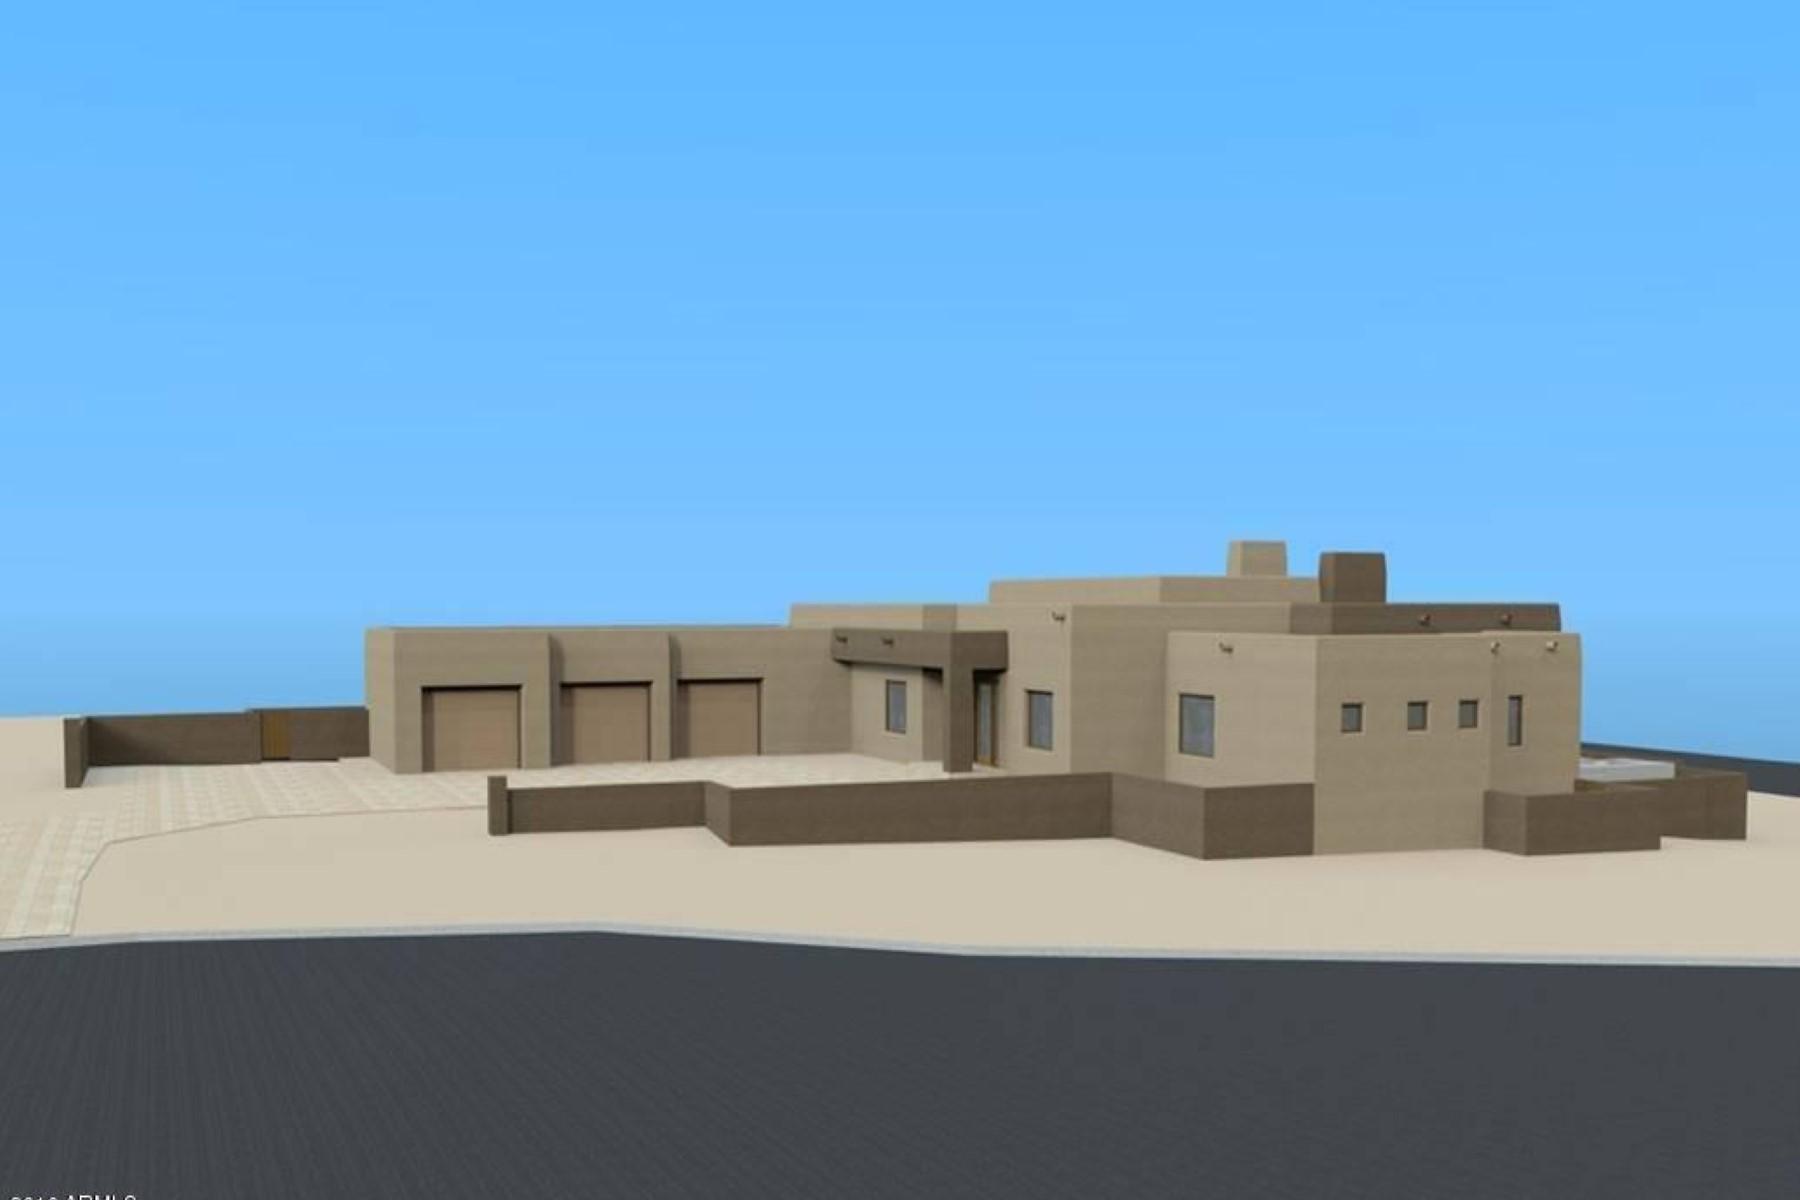 Частный односемейный дом для того Продажа на Brand new construction with a contemporary flair 9411 E Covey Trl Scottsdale, Аризона, 85262 Соединенные Штаты